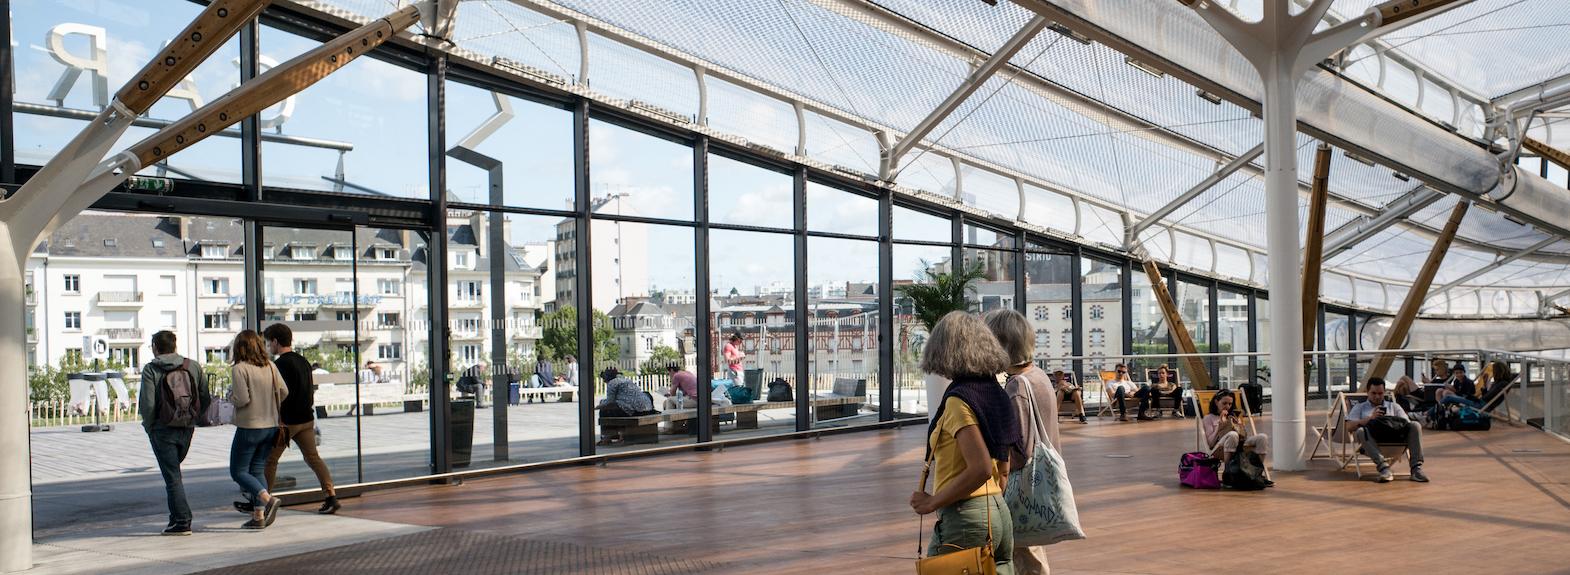 4-Eurorennes-Gare_interieur-_juillet_aout_2019_HD.jpg